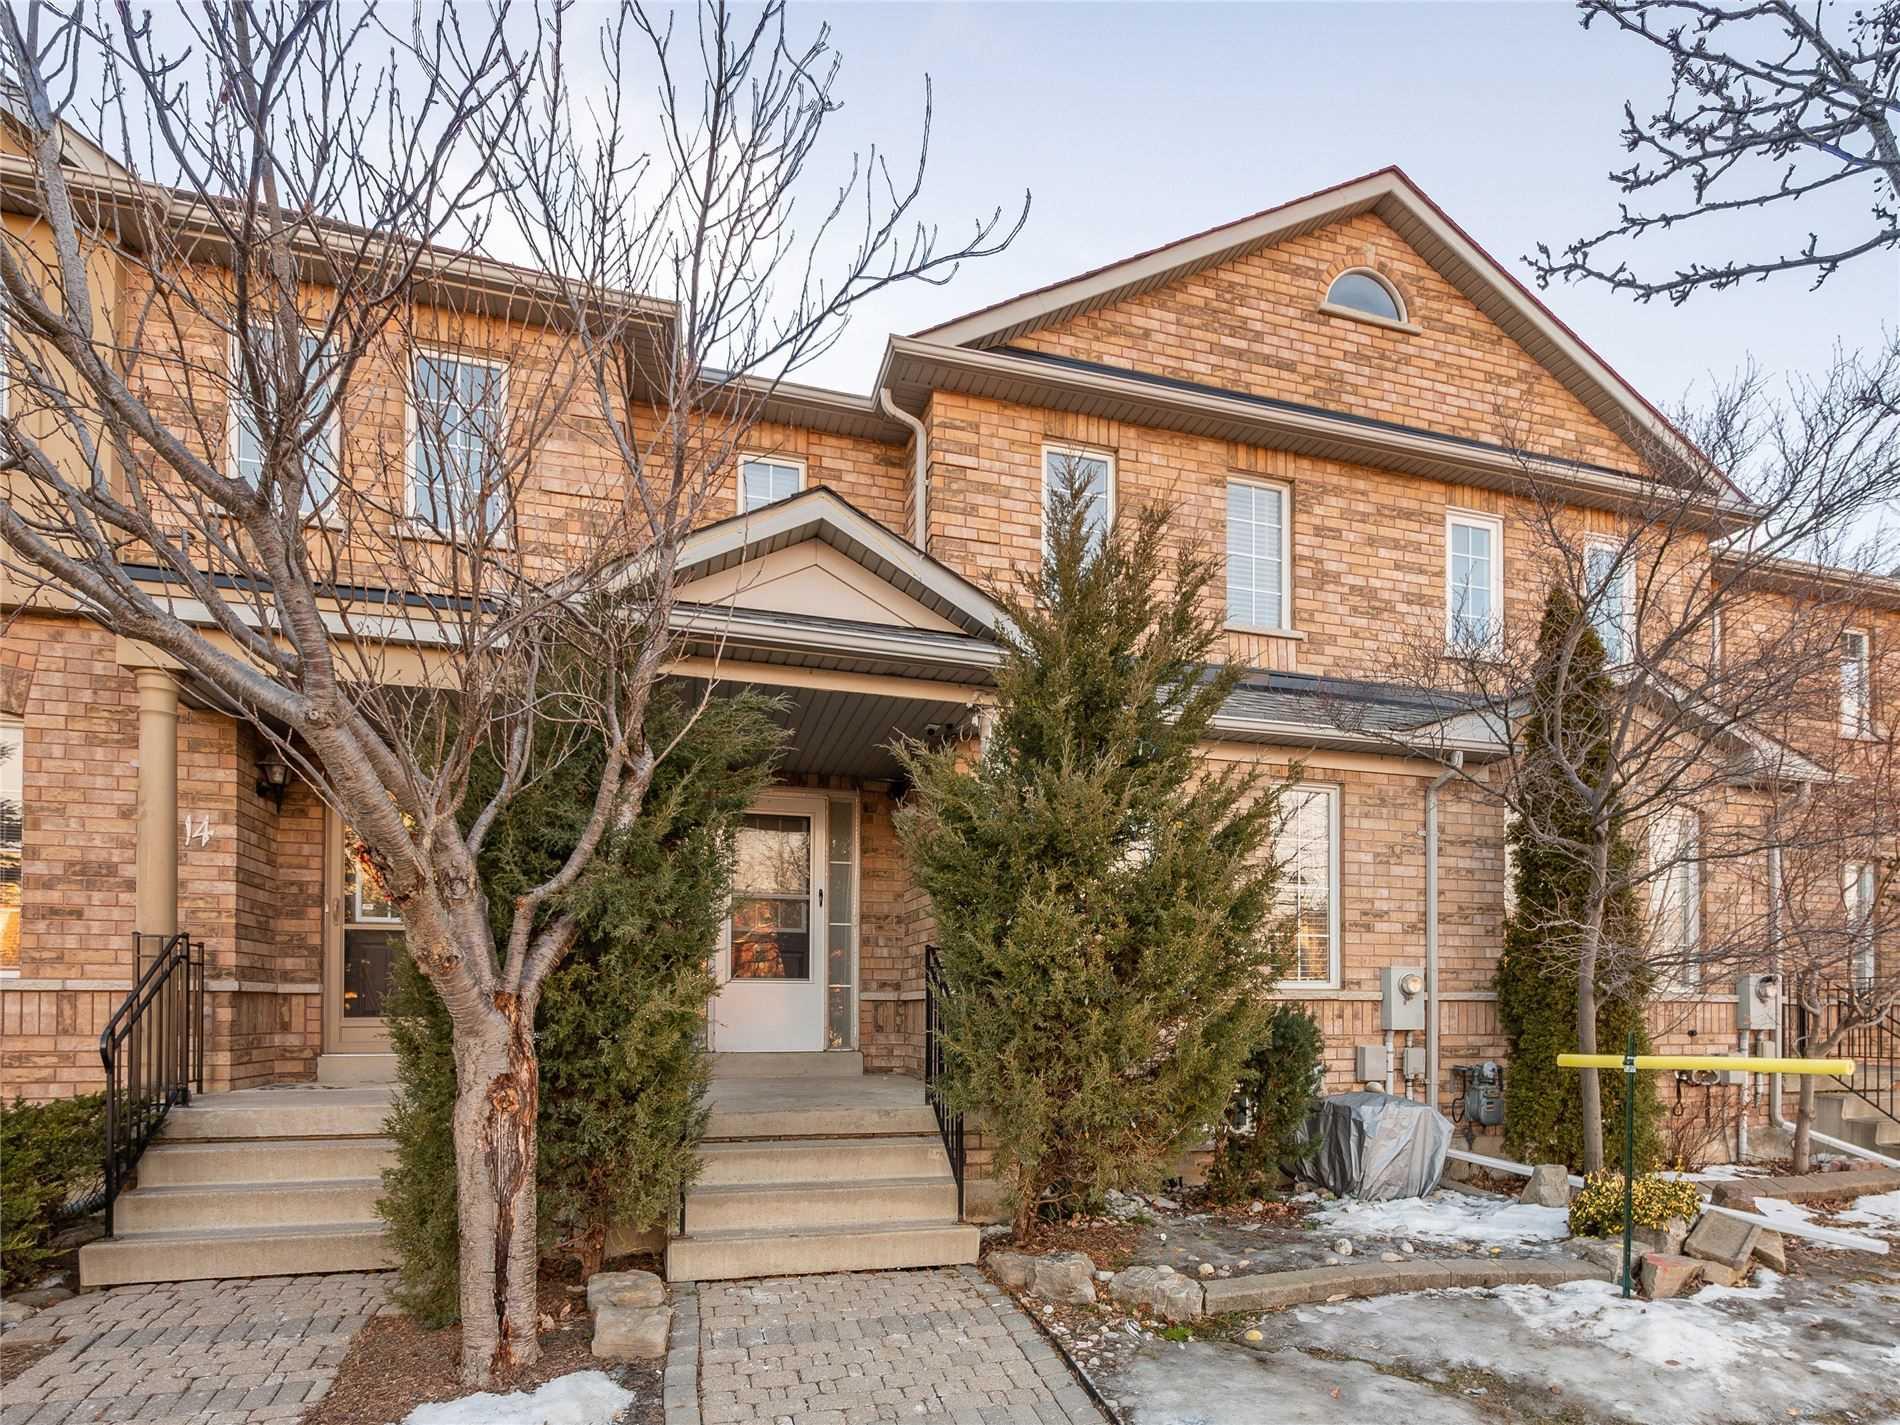 16 Castle Park Blvd - N5135906- $889,000